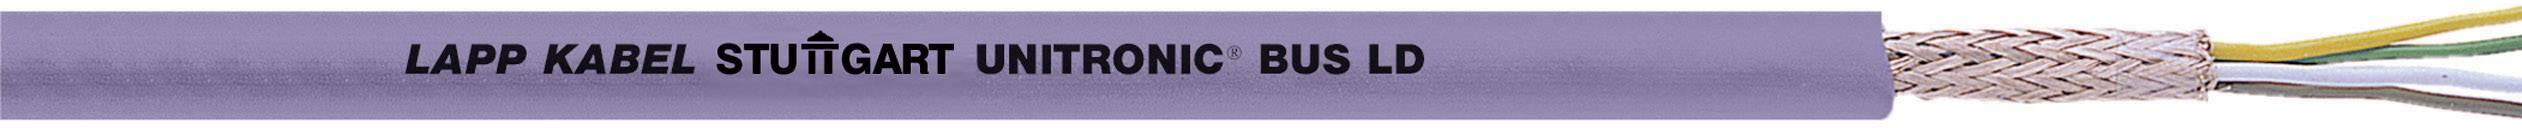 Zbernicový kábel LappKabel UNITRONIC® BUS 2170203, vnější Ø 5.70 mm, fialová, metrový tovar